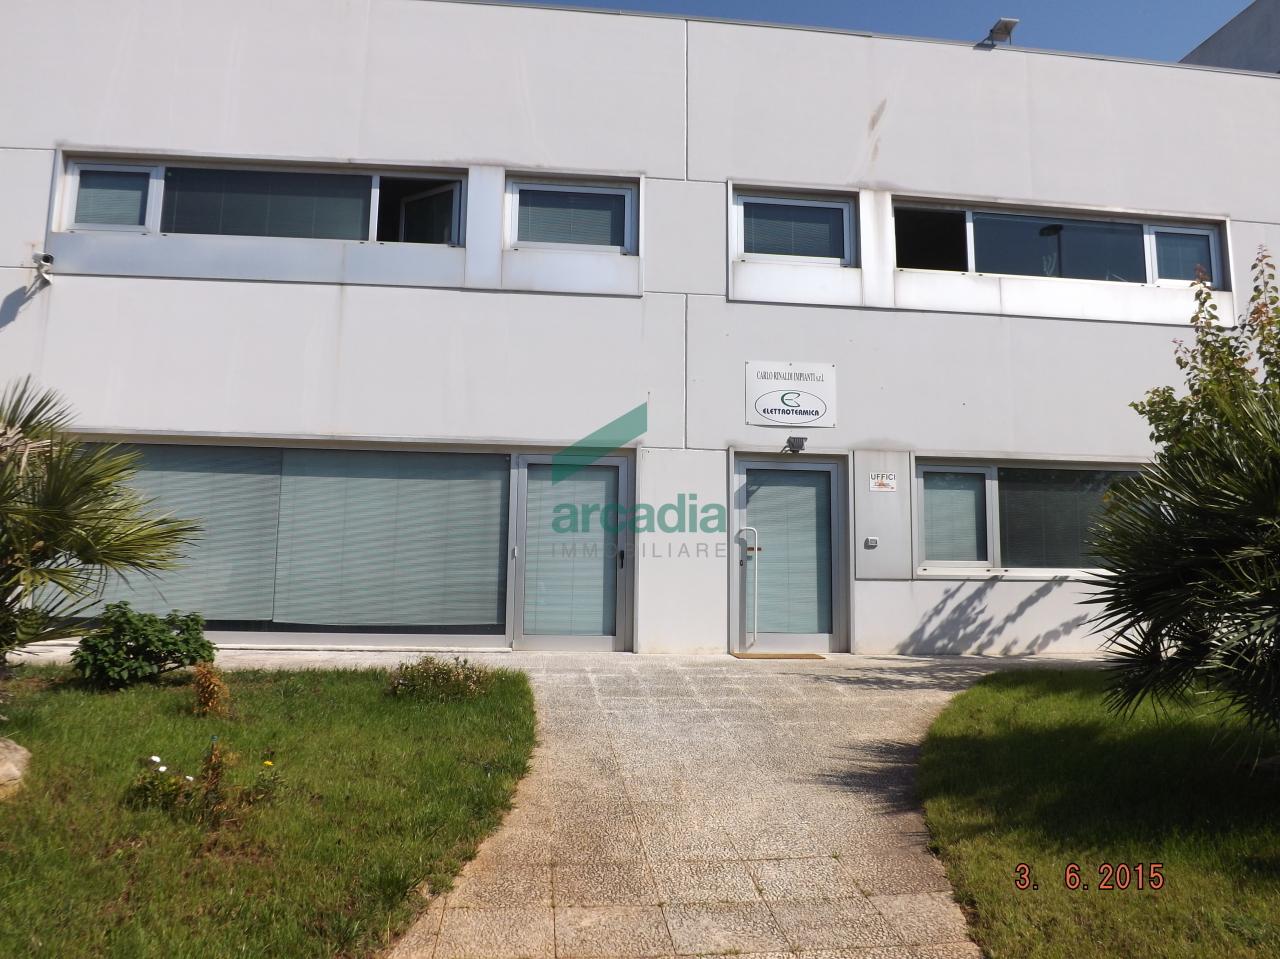 Capannone in affitto a Modugno, 1 locali, prezzo € 4.500 | CambioCasa.it